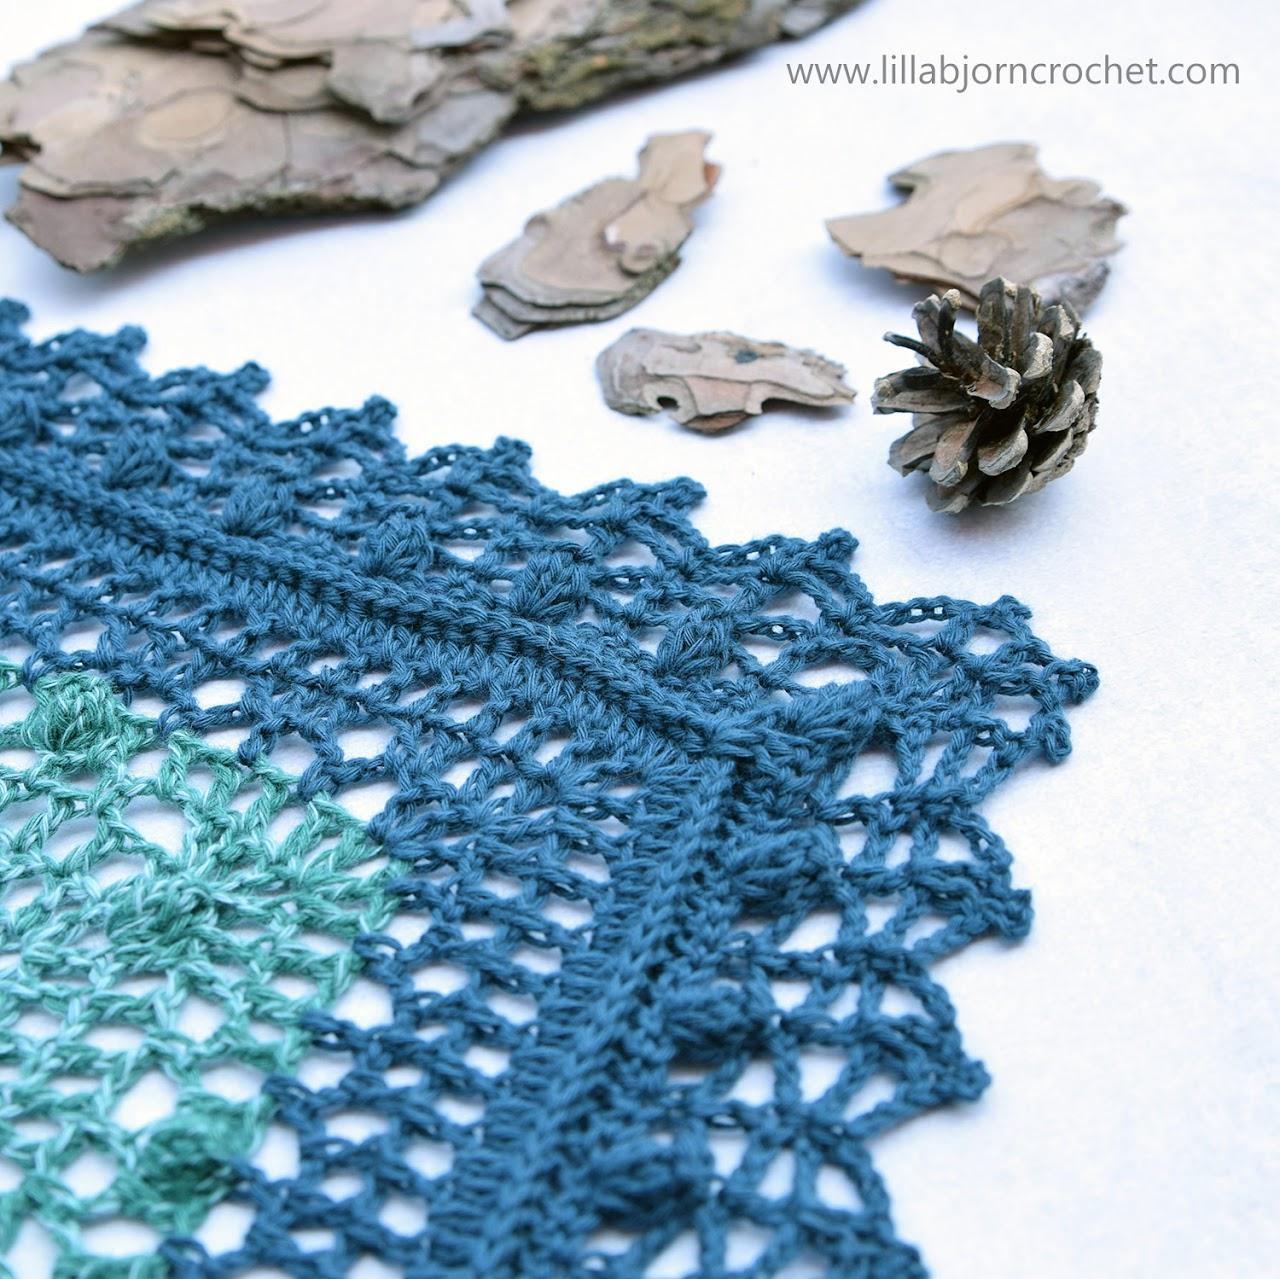 Grinda Shawl MAL - free crochet pattern by www.lillabjorncrochet.com